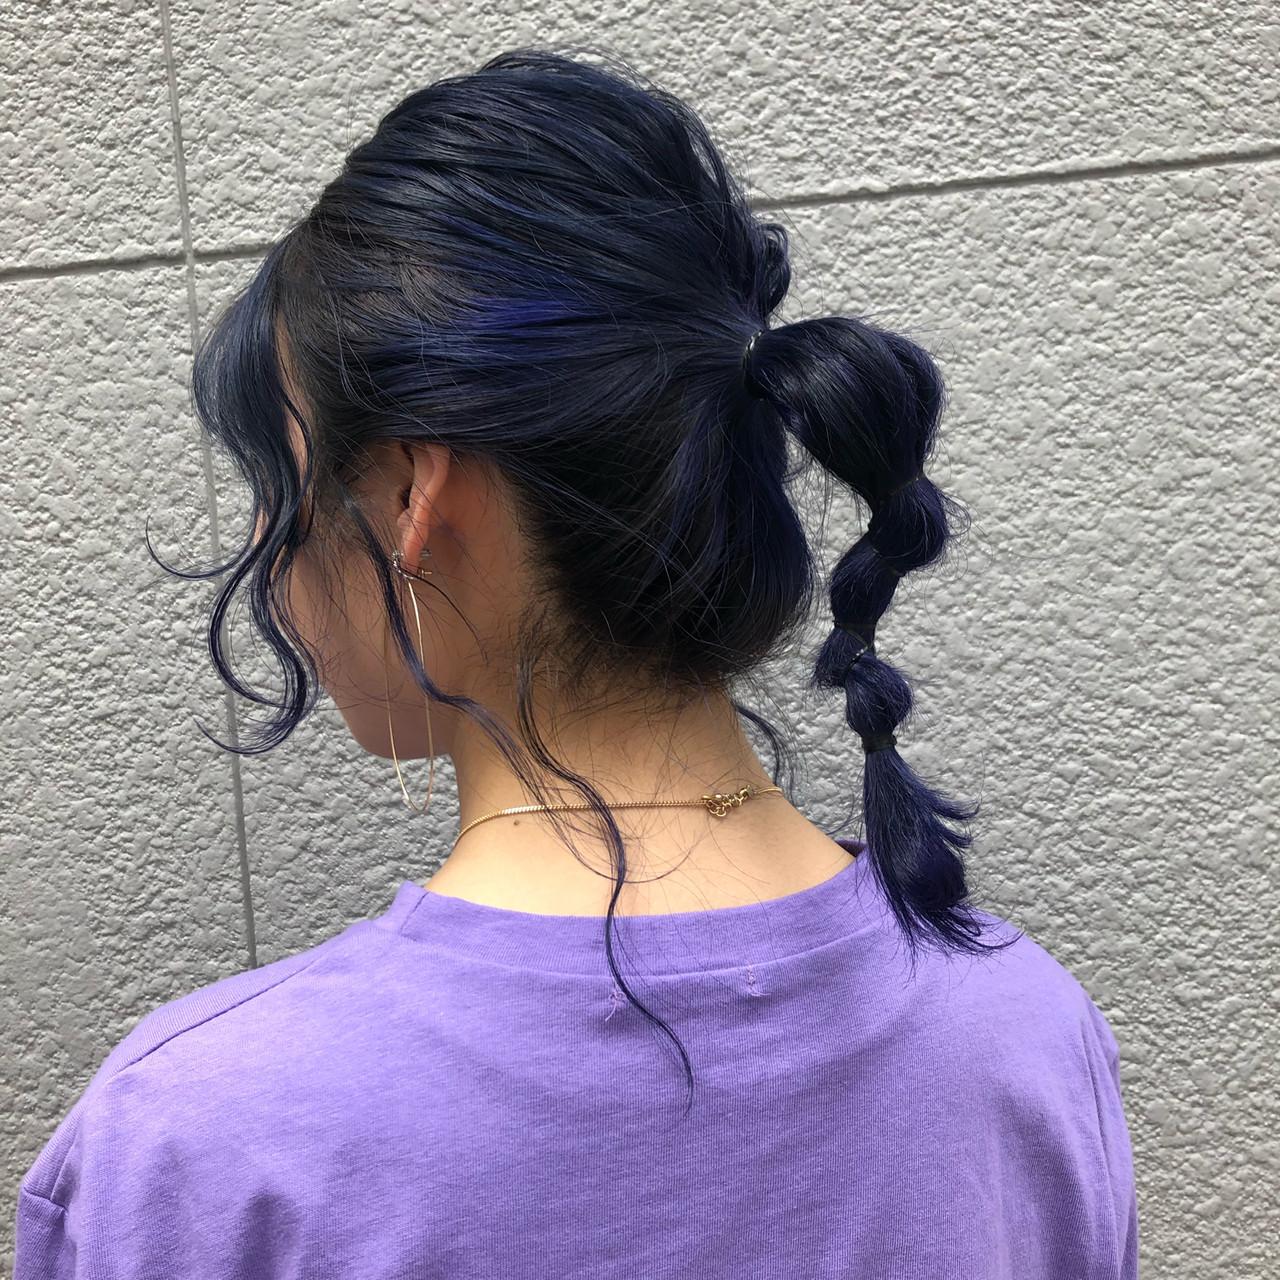 ミディアム ガーリー ヘアアレンジ ブリーチカラー ヘアスタイルや髪型の写真・画像